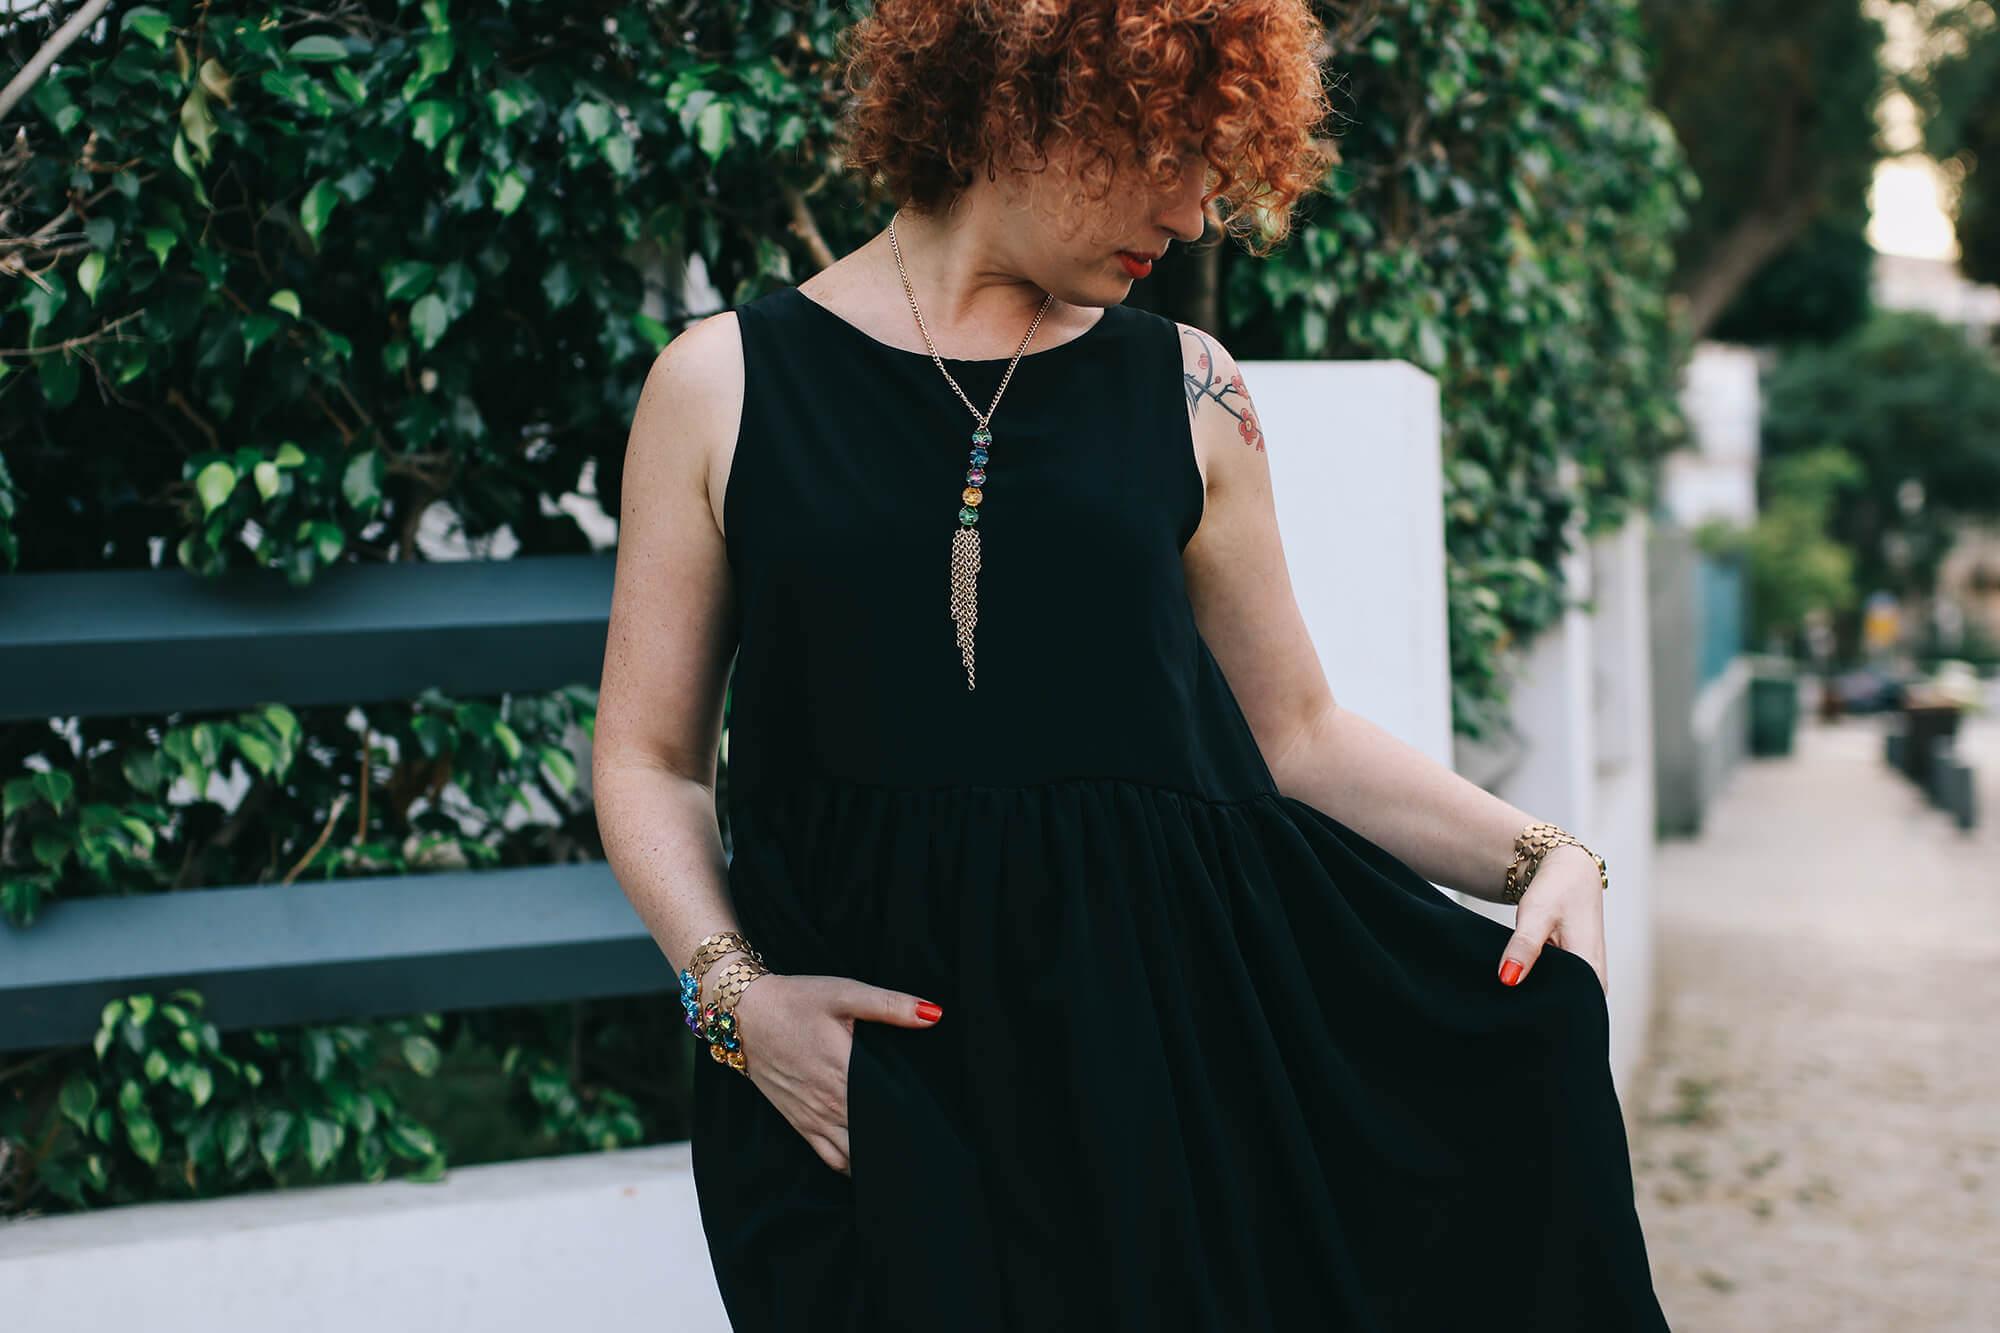 שמלה שחורה קלאסית בשילוב תכשיטים שמשדרגים את ההופעה